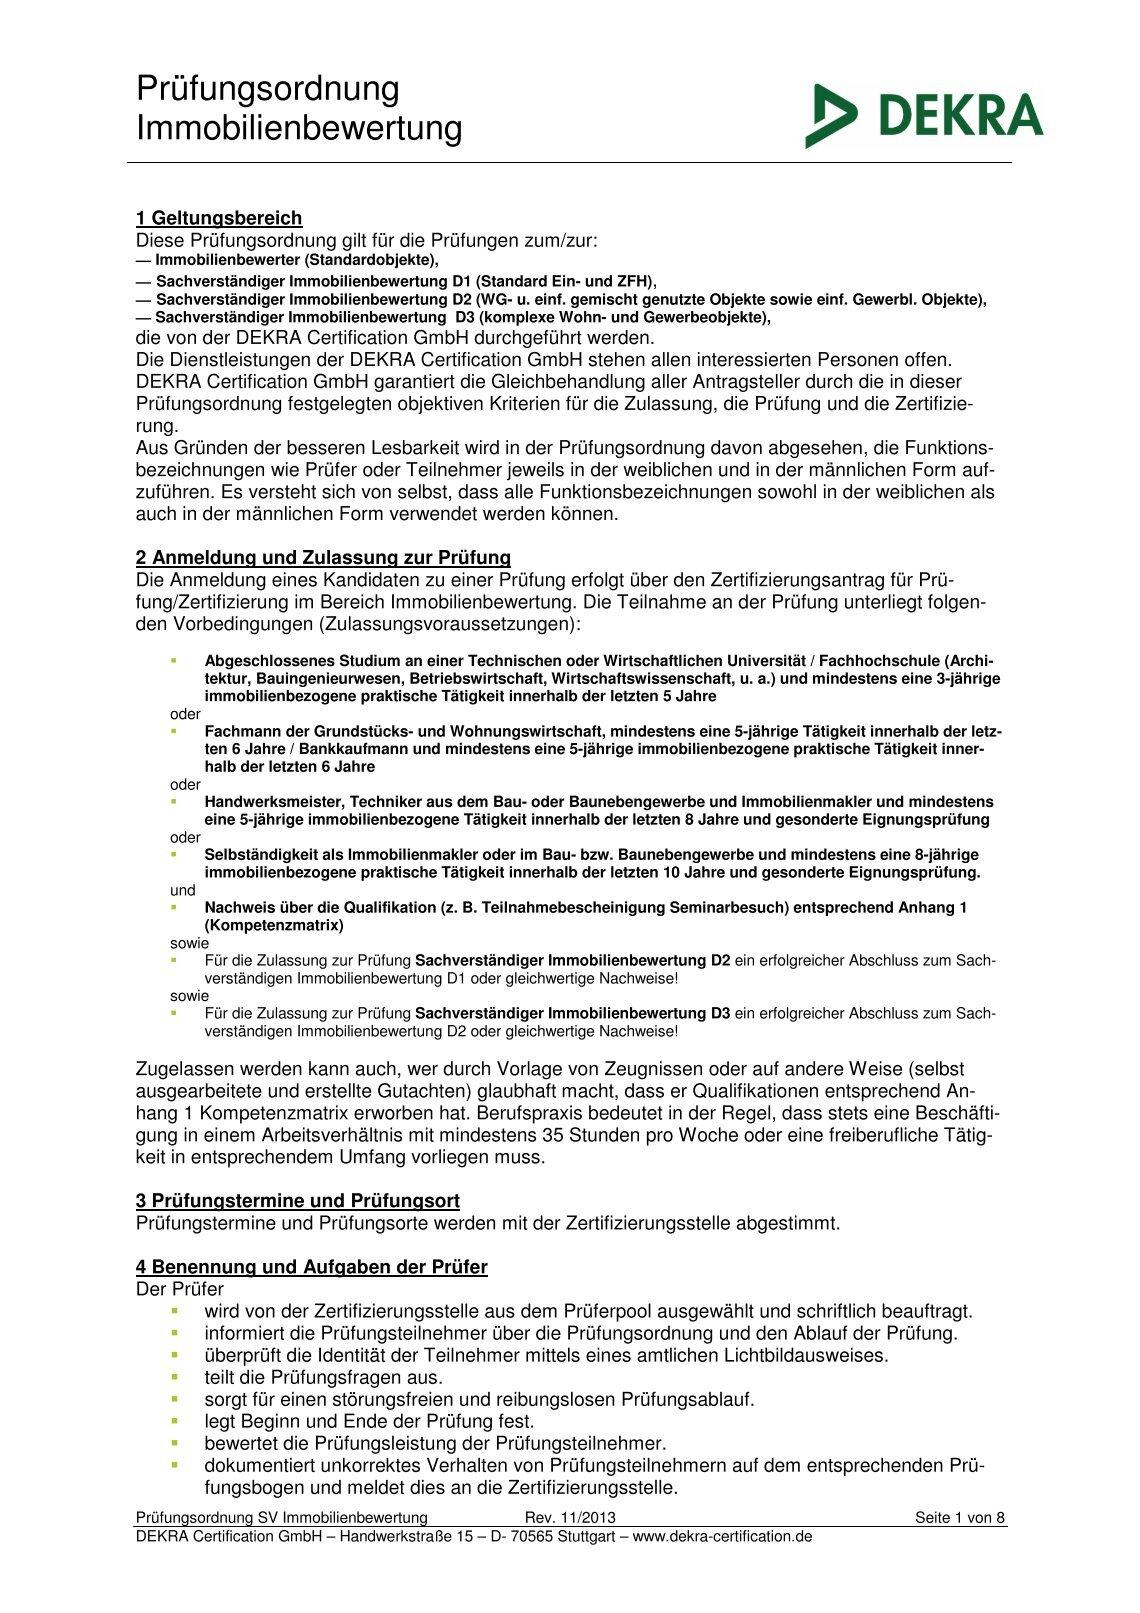 Gemütlich Vorlage Für Mitarbeiterschulungen Ideen - Entry Level ...